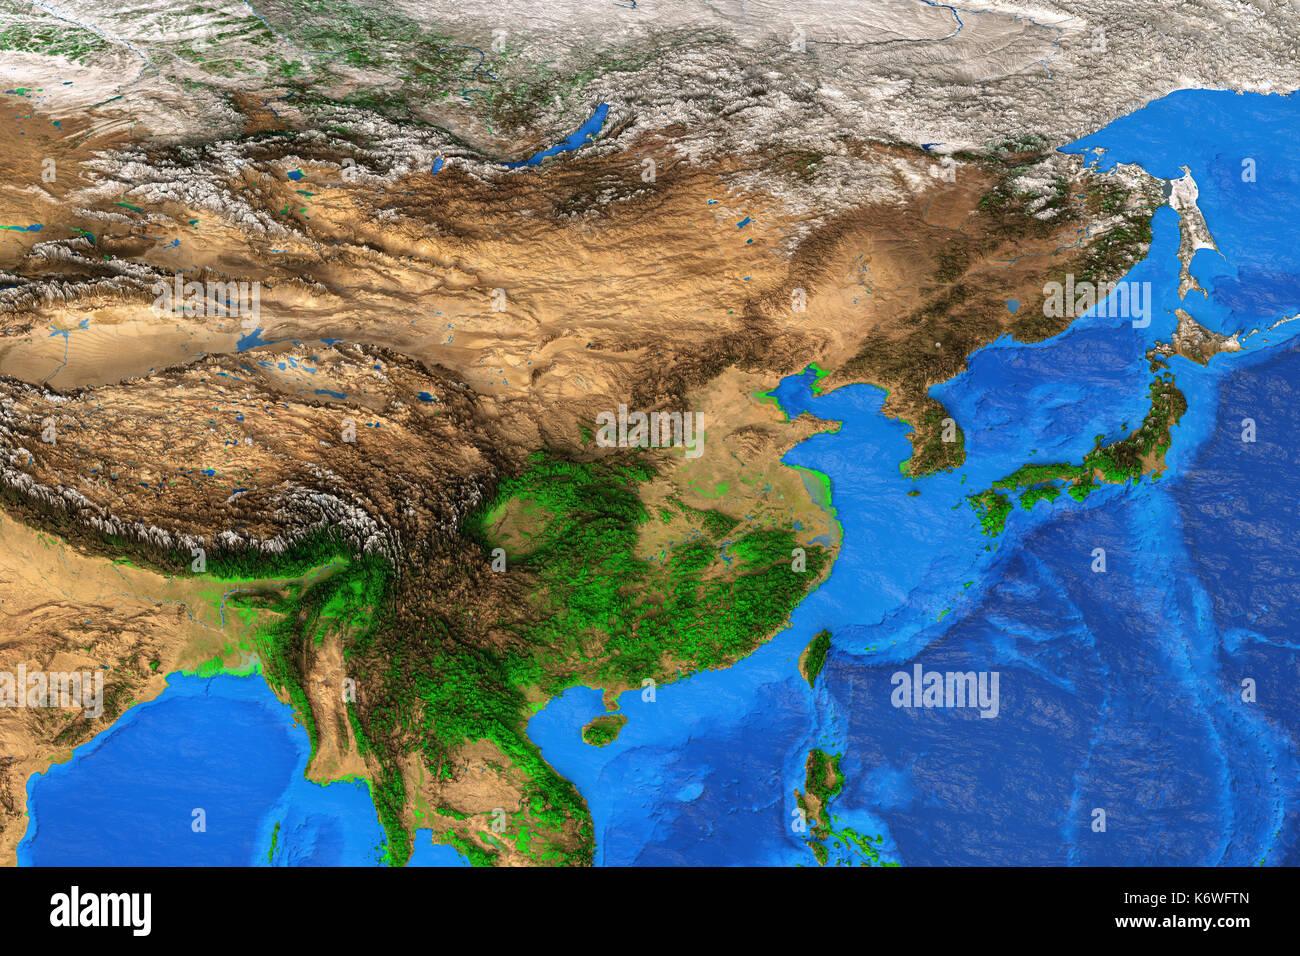 Cartina Asia Fisica.Cartina Fisica Dell Asia Orientale Dettagliata Vista Satellitare Della Terra E Dei Suoi Landforms Elementi Di Questa Immagine Fornita Dalla Nasa Foto Stock Alamy